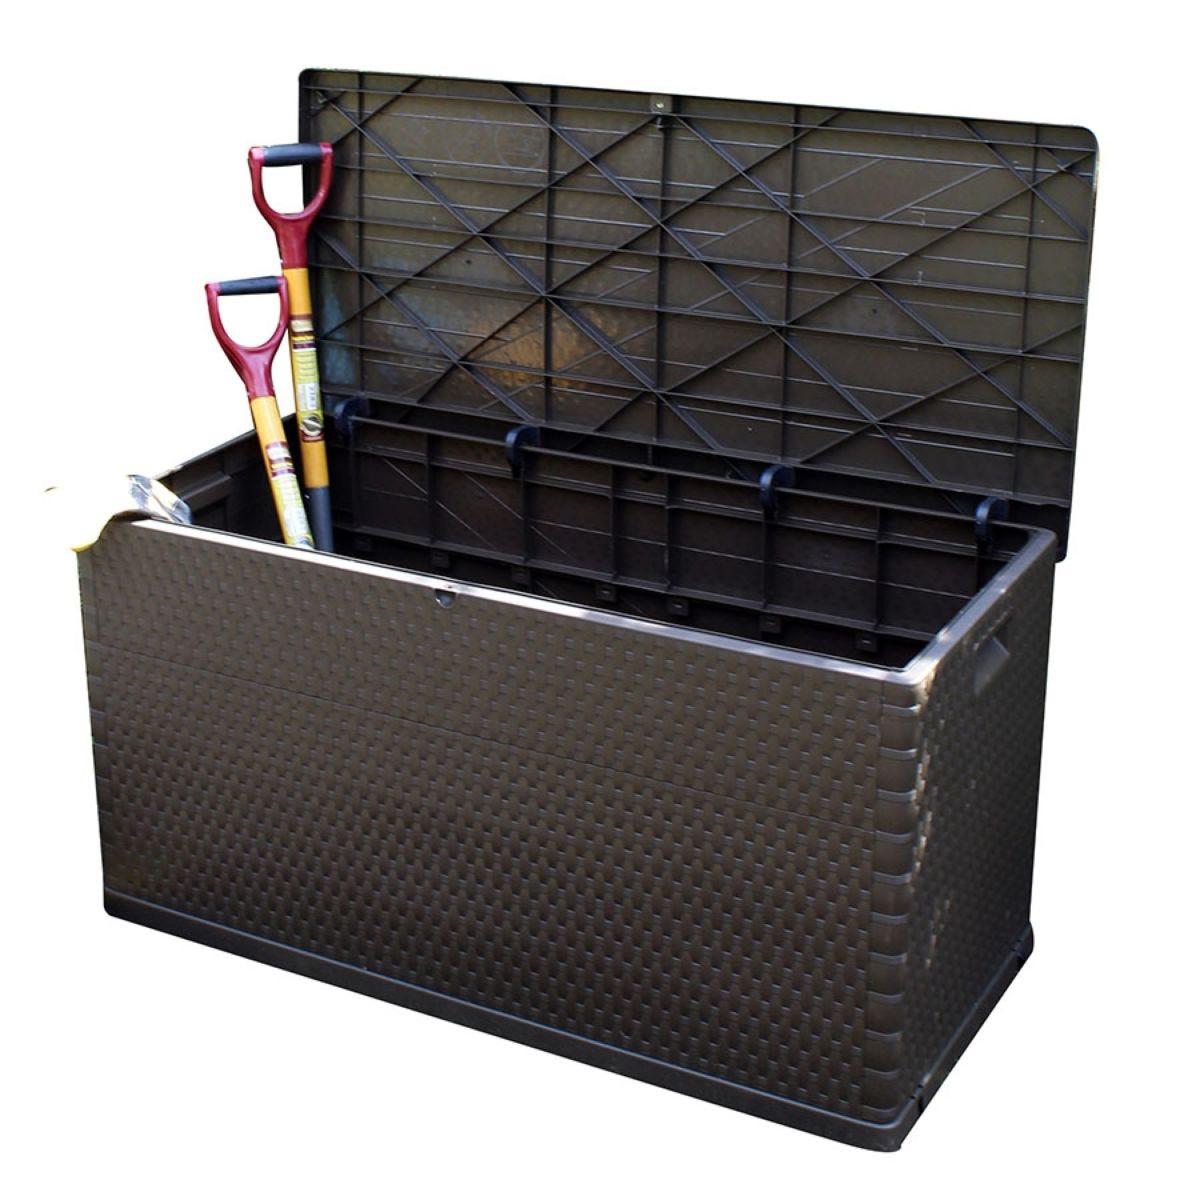 420L Rattan-Effect Garden Storage Chest